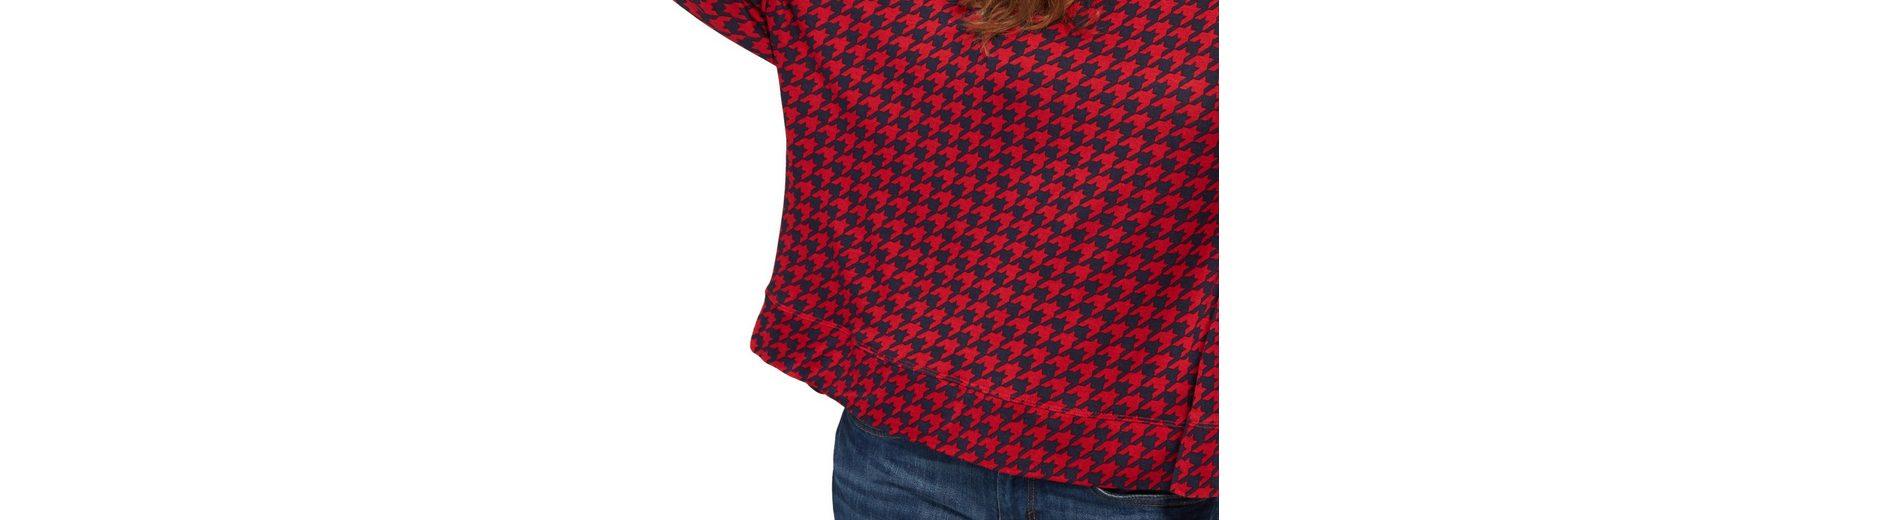 Shirt 4 Tom 3 im l盲ssigen Schnitt Arm mit Tailor Muster Hc6RWqcfU